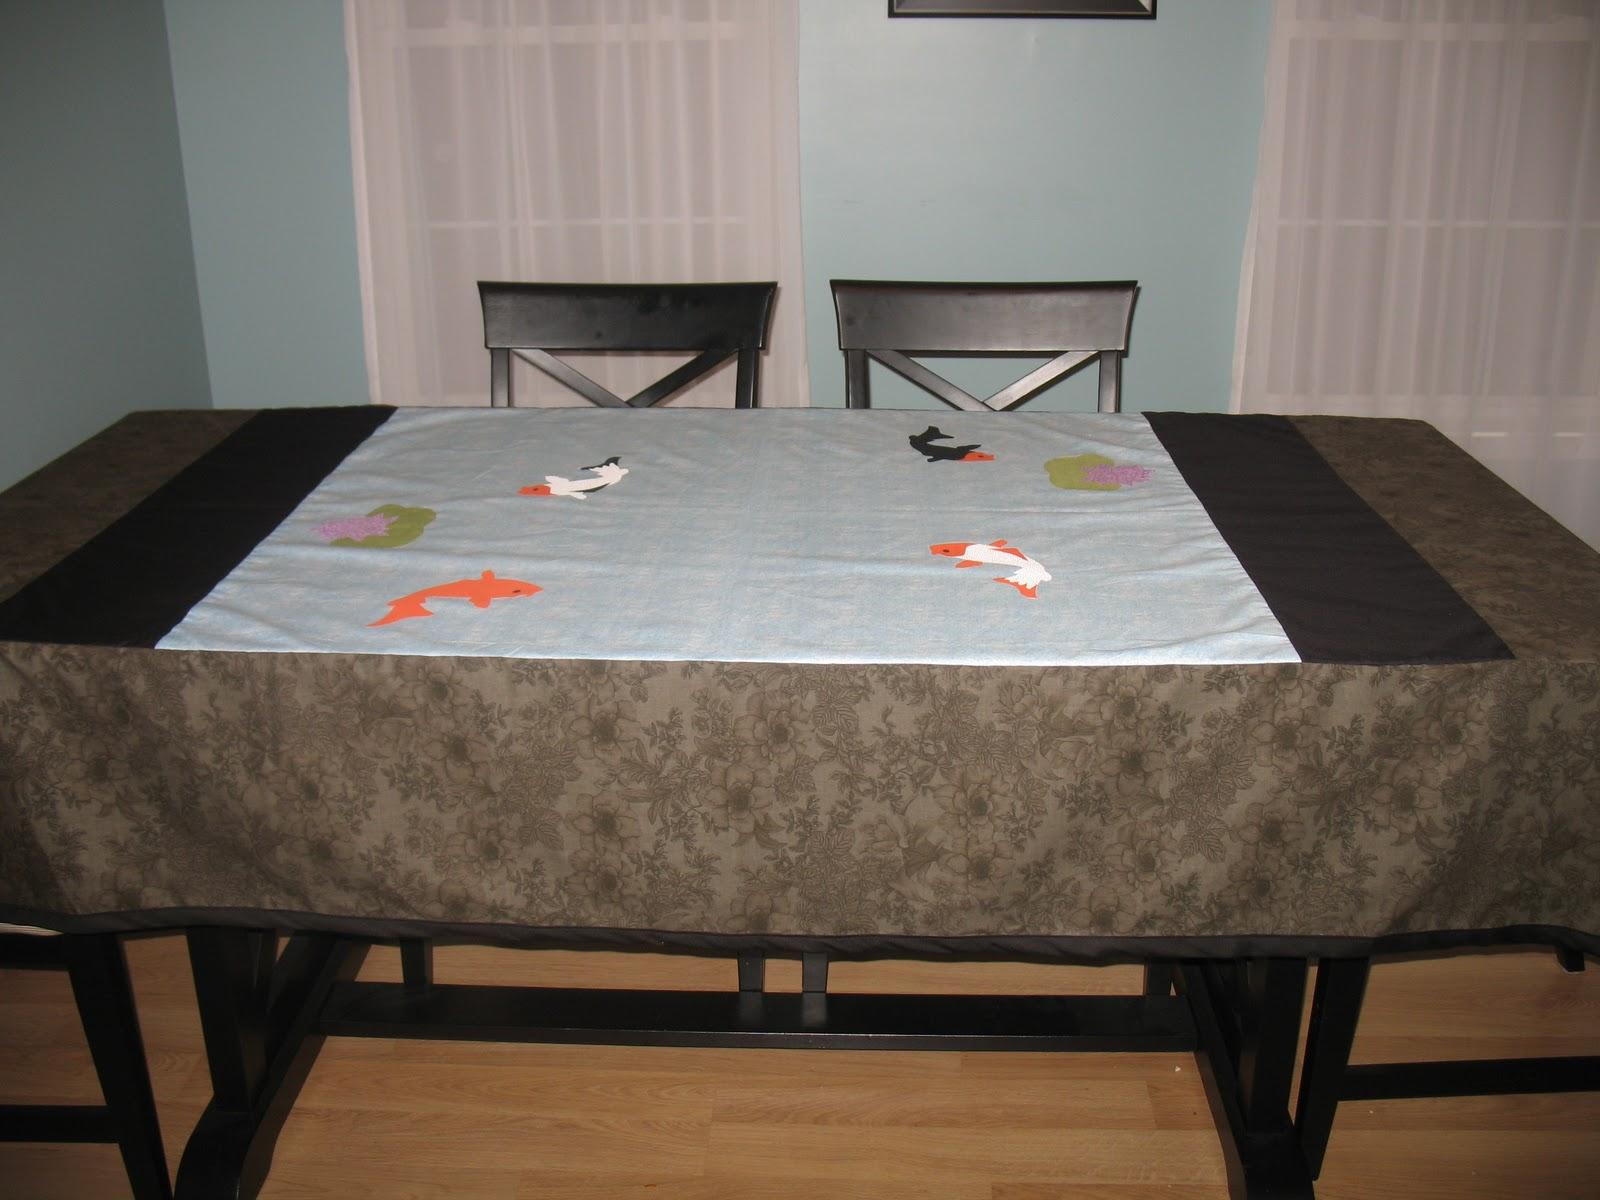 Crafting with kista koi fish pond table cloth for Koi pool table